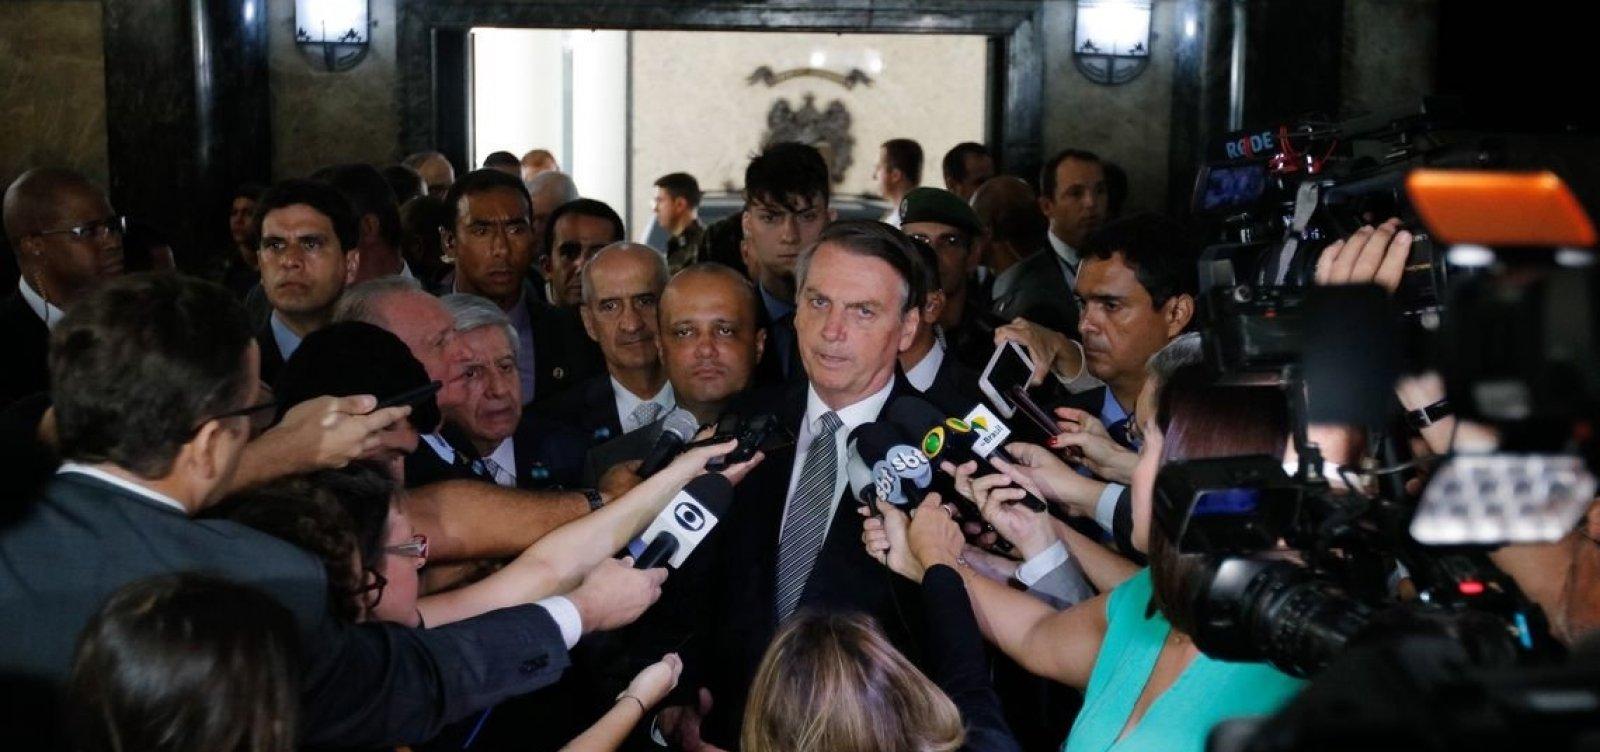 [Bolsonaro diz que lamenta a morte de inocentes em baile funk em Paraisópolis]